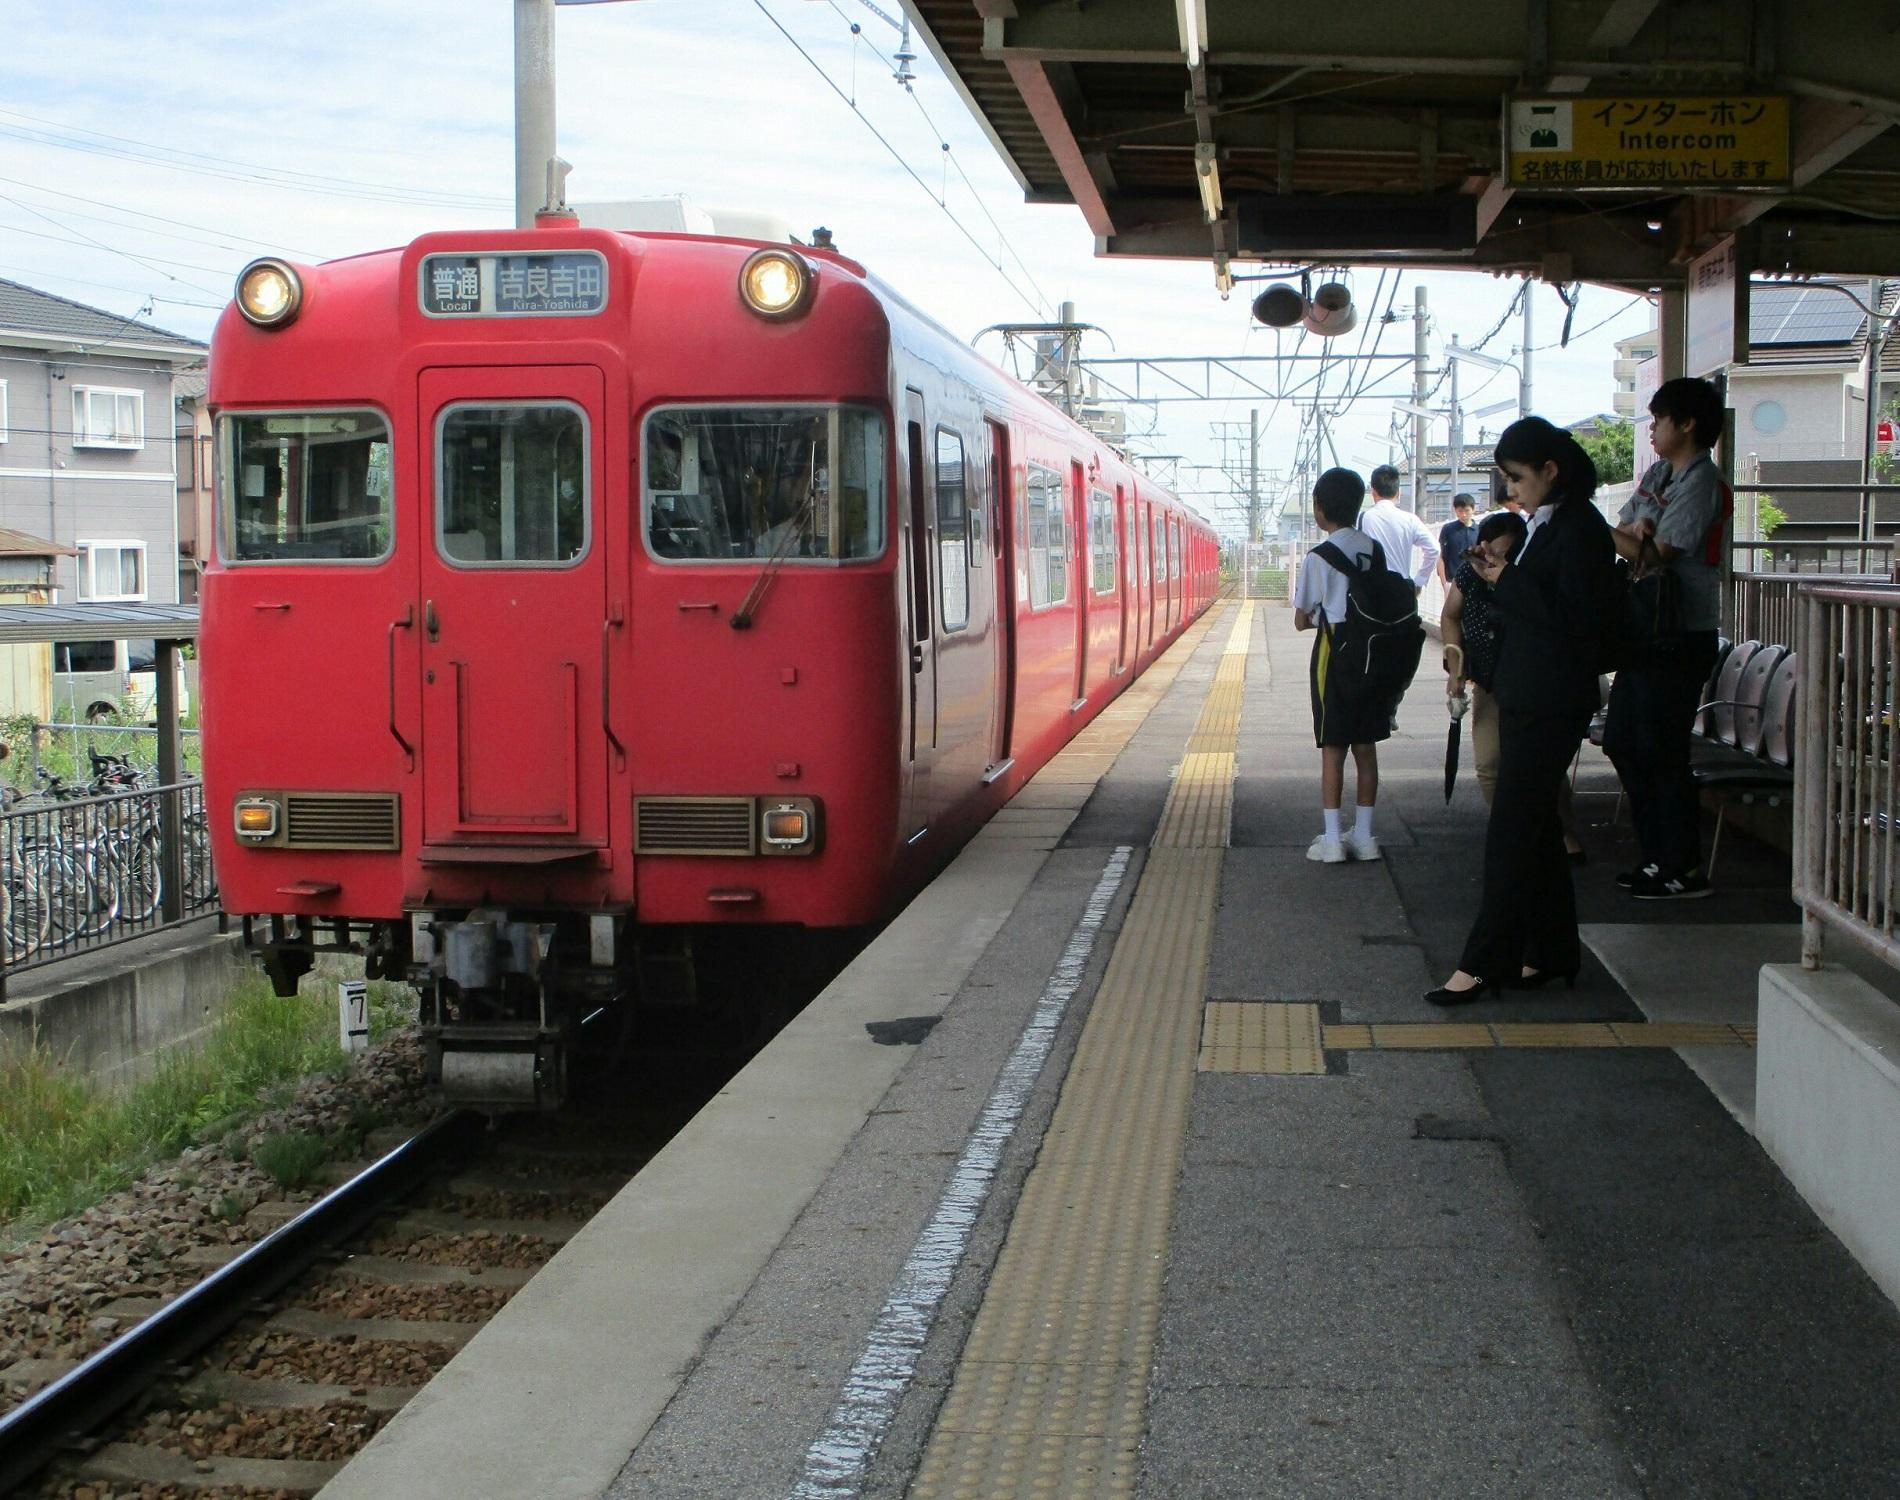 2019.5.22 (1) ふるい - 吉良吉田いきふつう 1900-1500